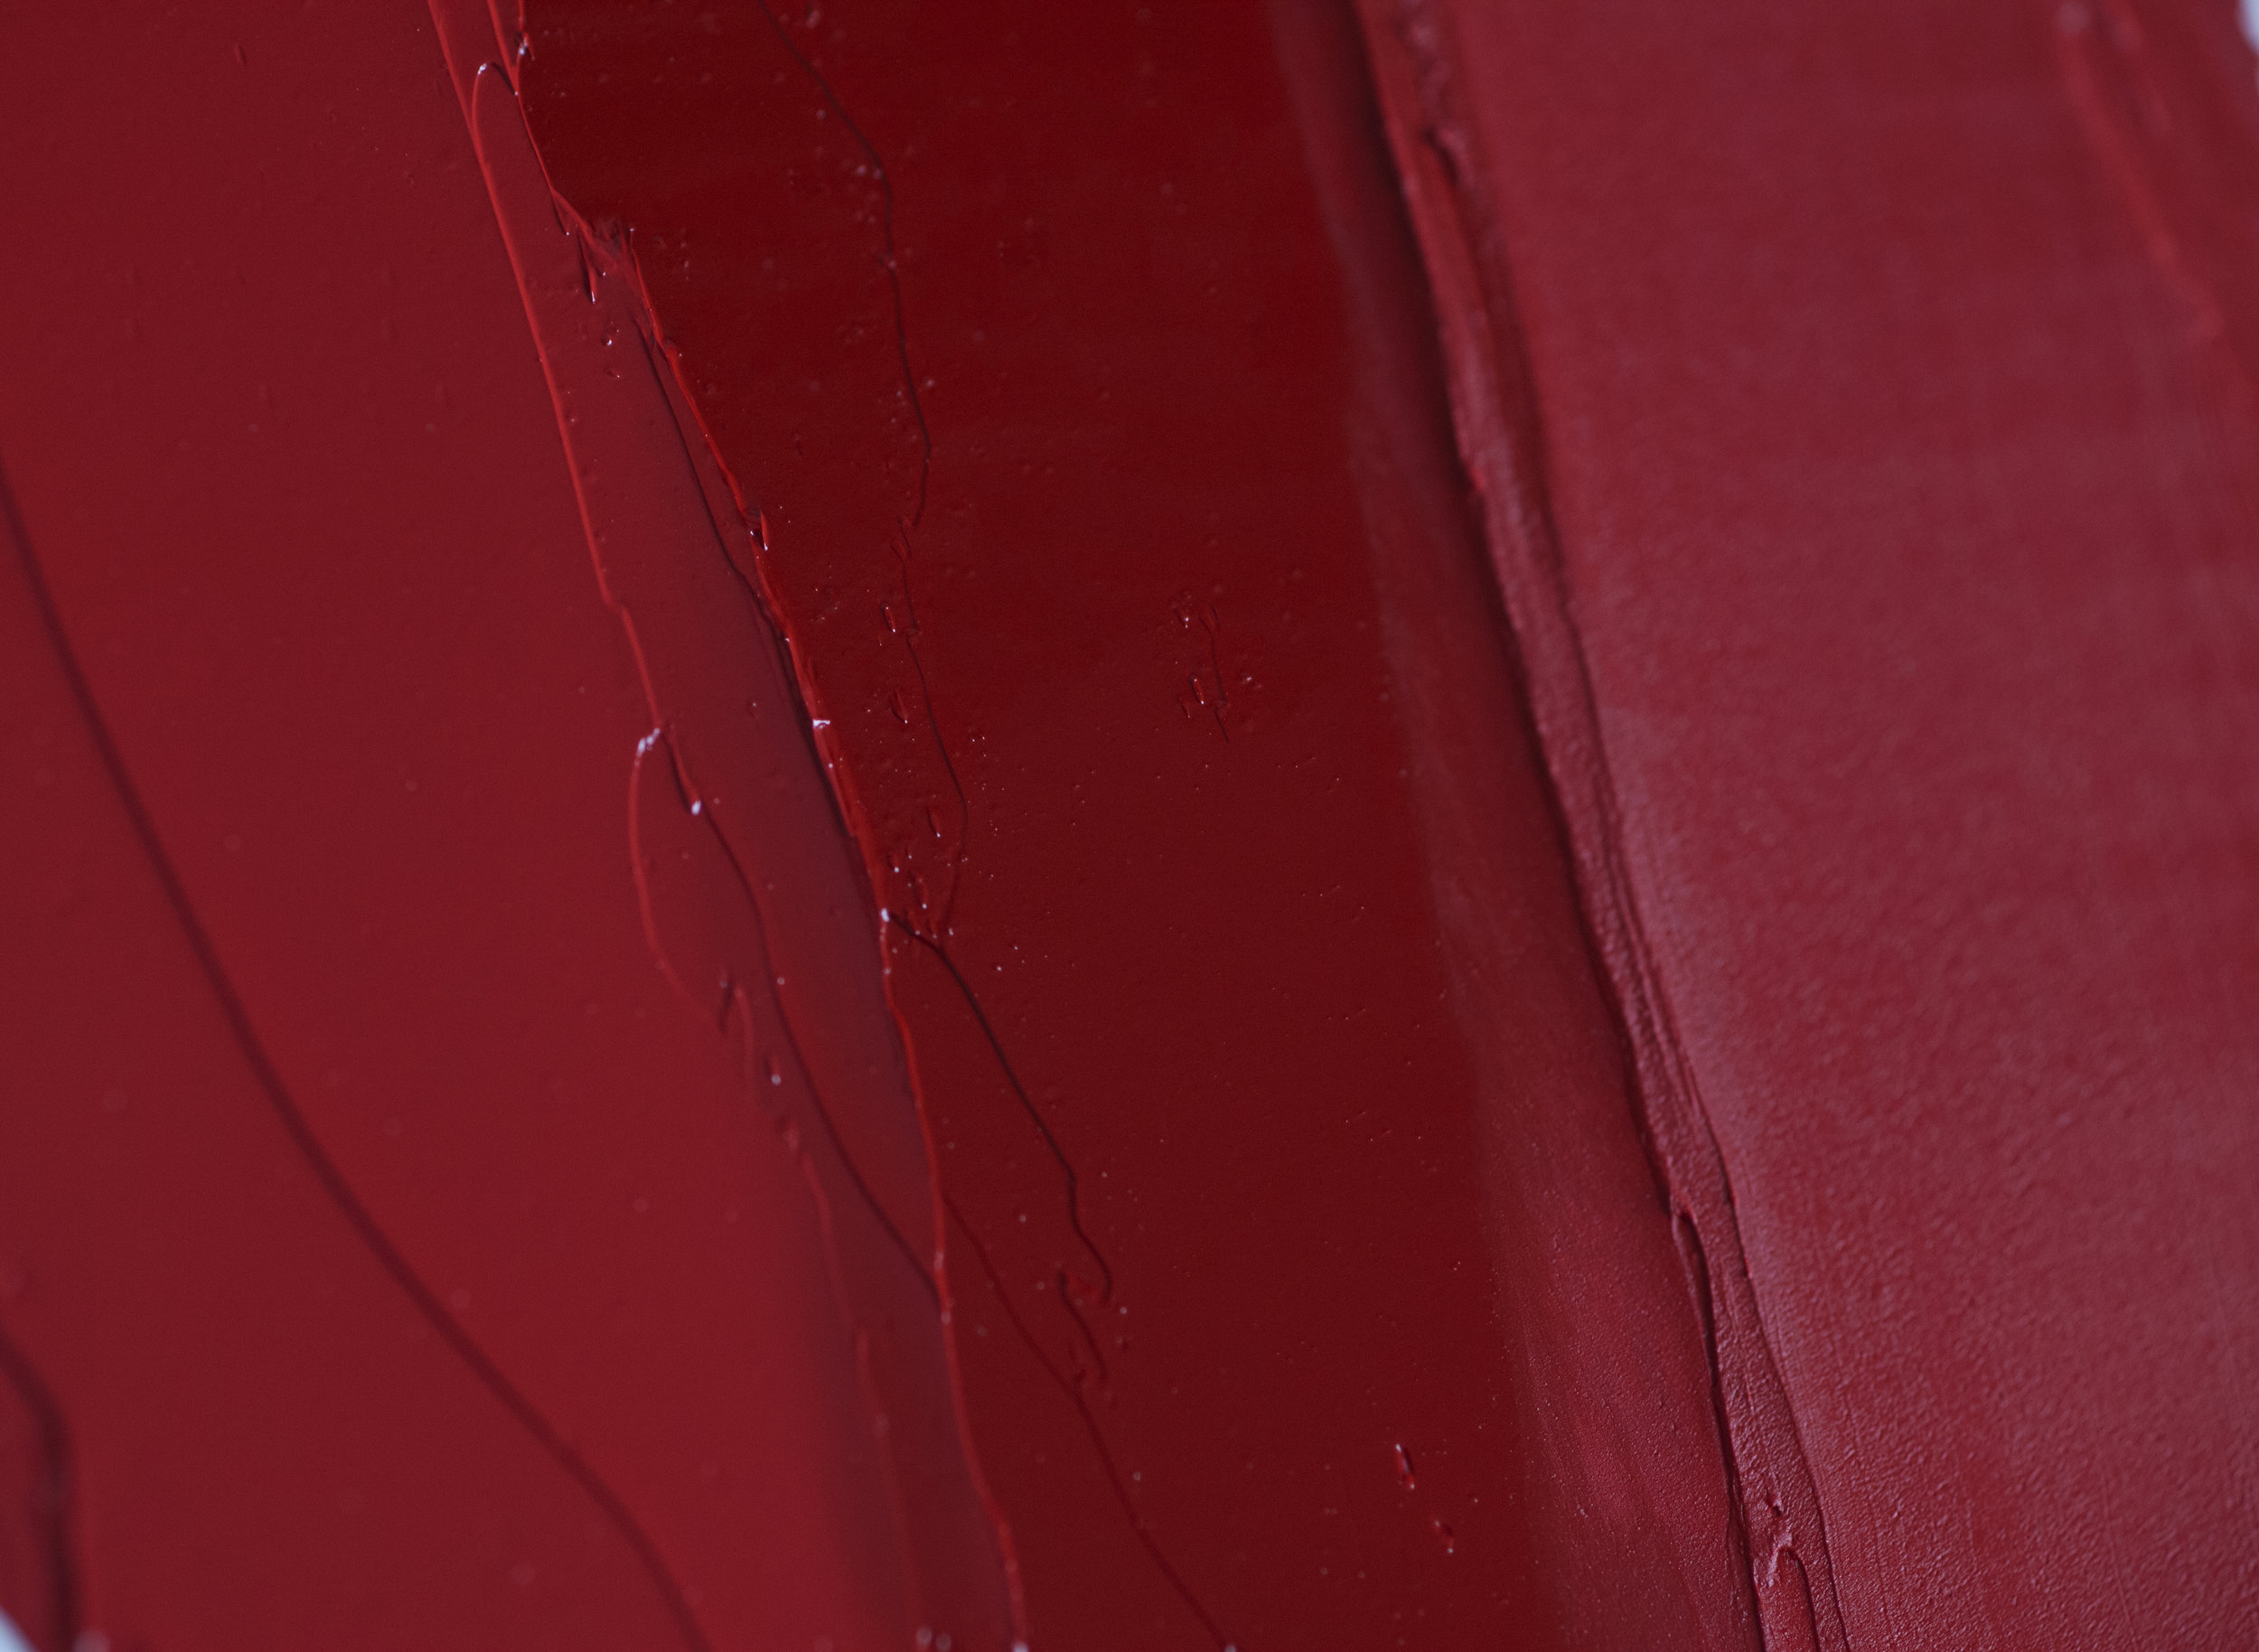 rouge4.jpg